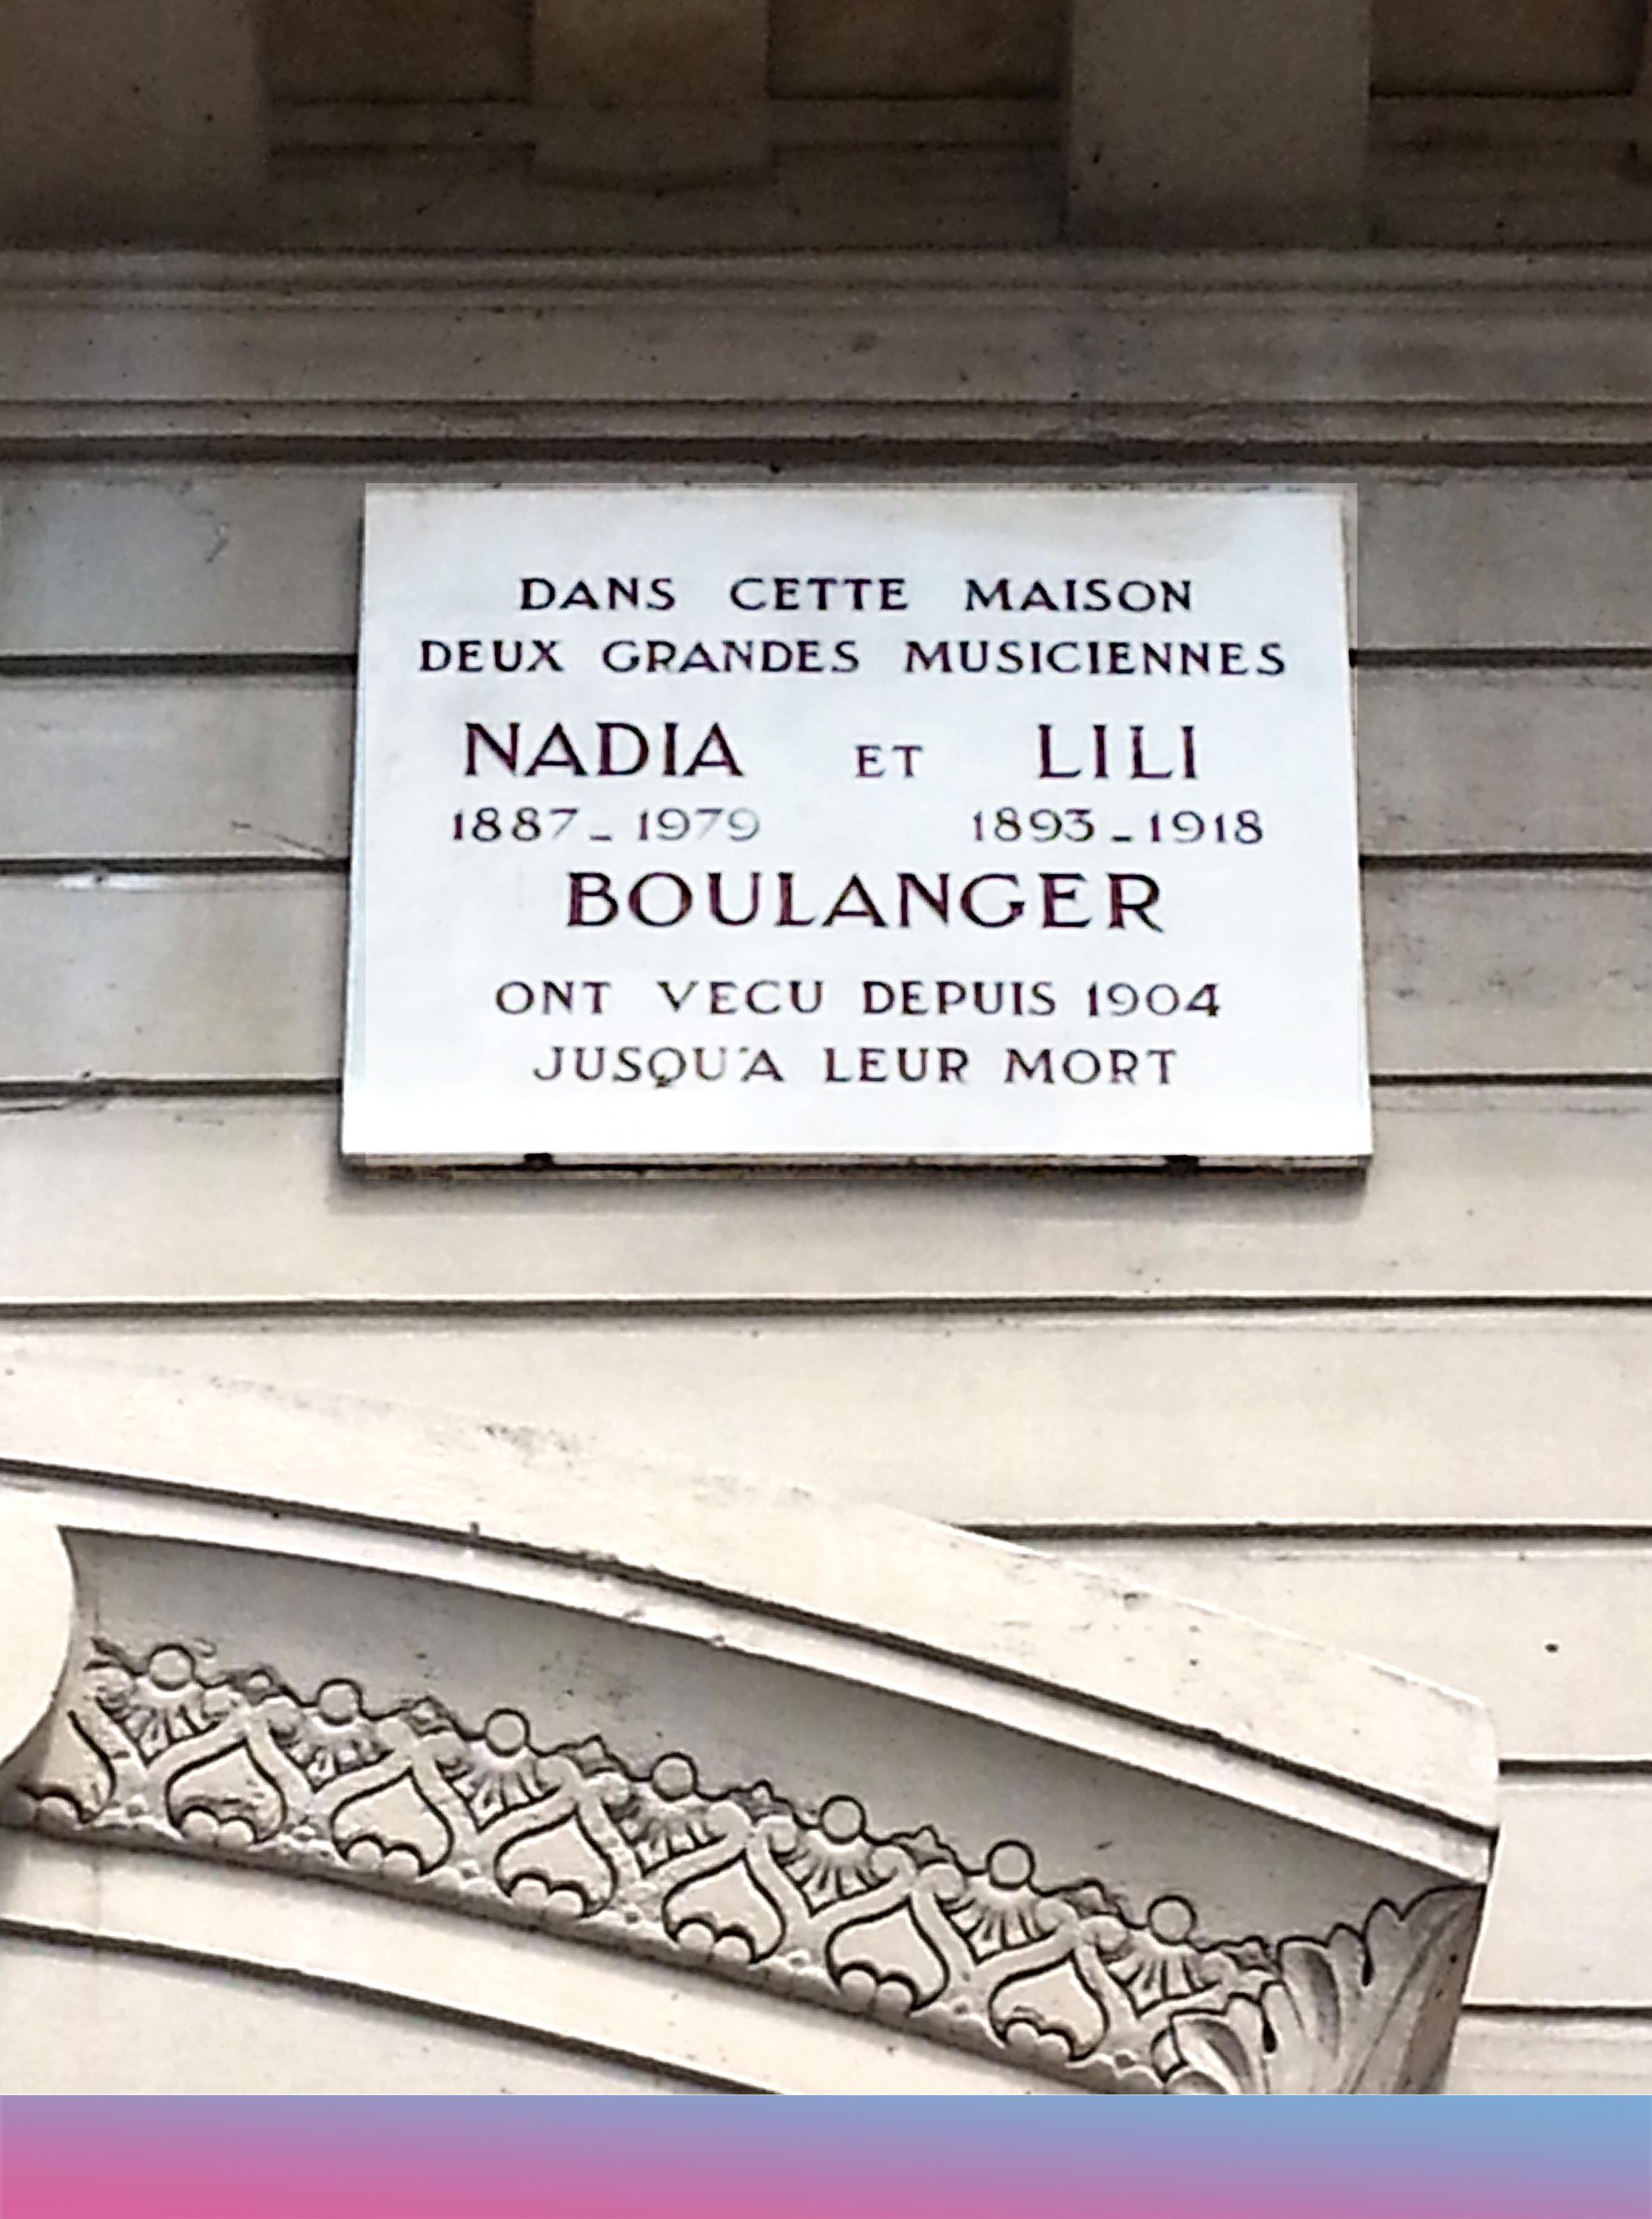 Gedenktafel für Nadia und Lili Boulanger an deren ehemaligem Wohnhaus in der Rue Ballu Nr. 36 in Paris © TCY/Wikimedia Commons